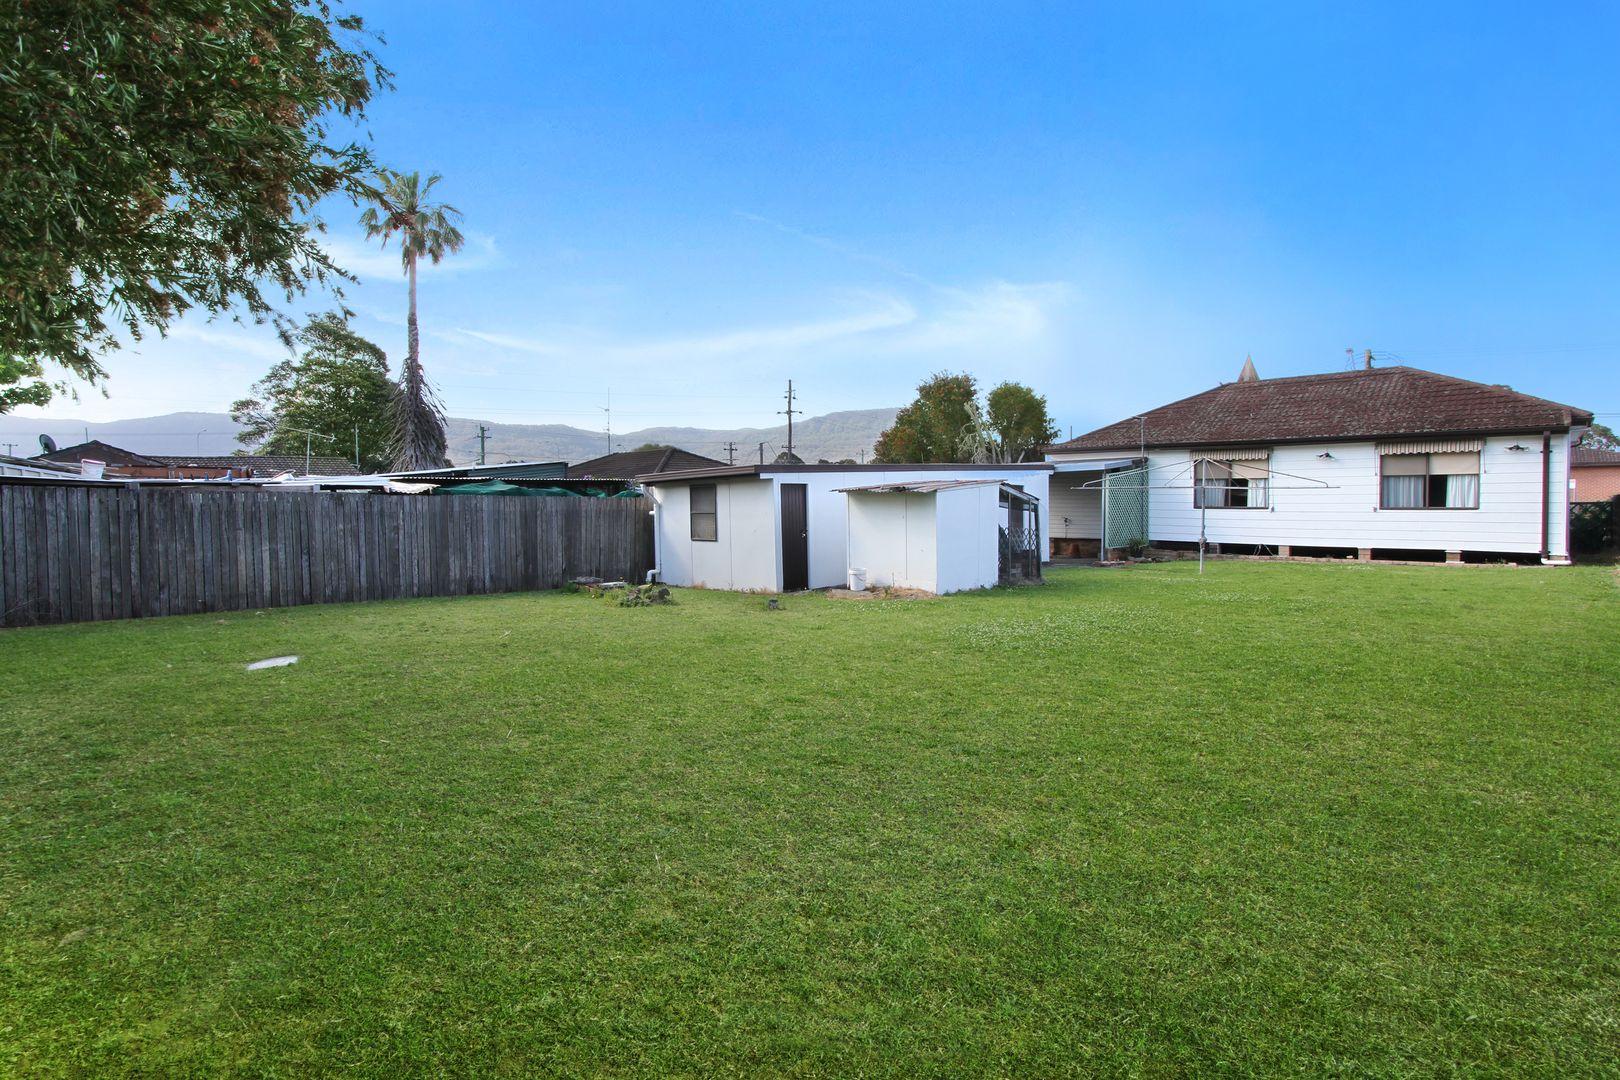 293 Kanahooka  Road, Dapto NSW 2530, Image 2